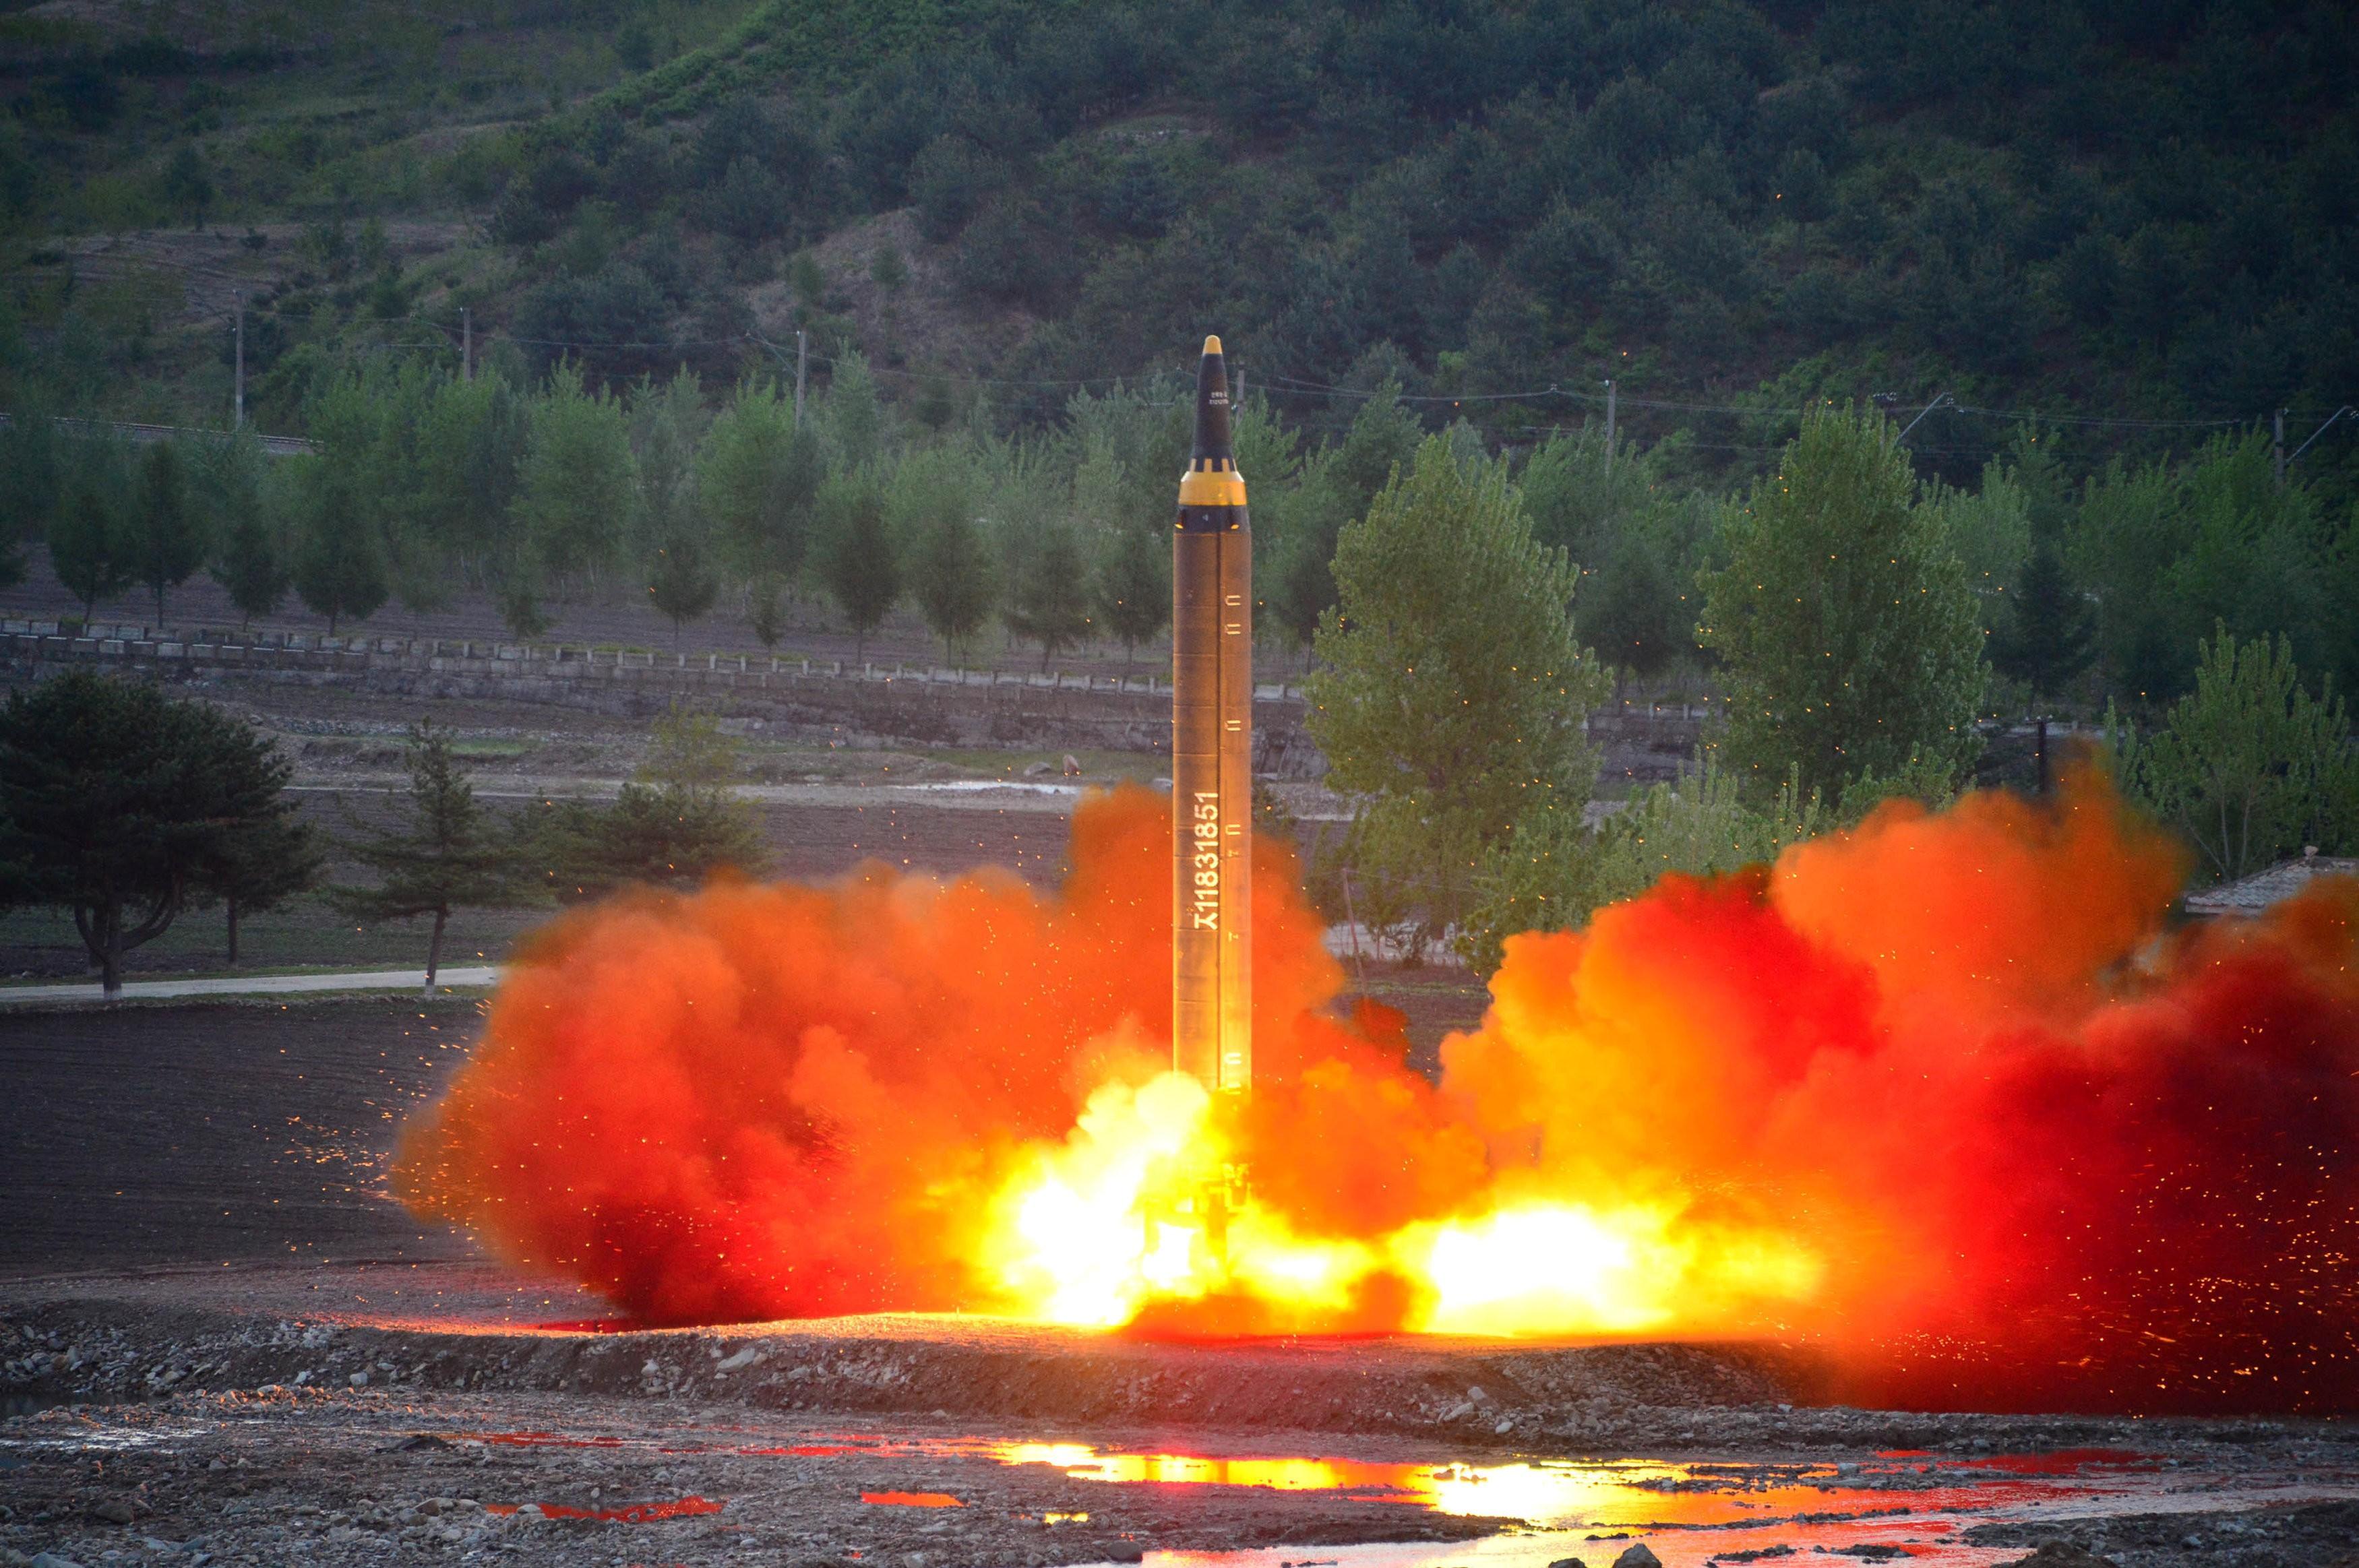 Наш главный провал: ВЦРУ признались, что прошляпили успехи ядерной программы КНДР